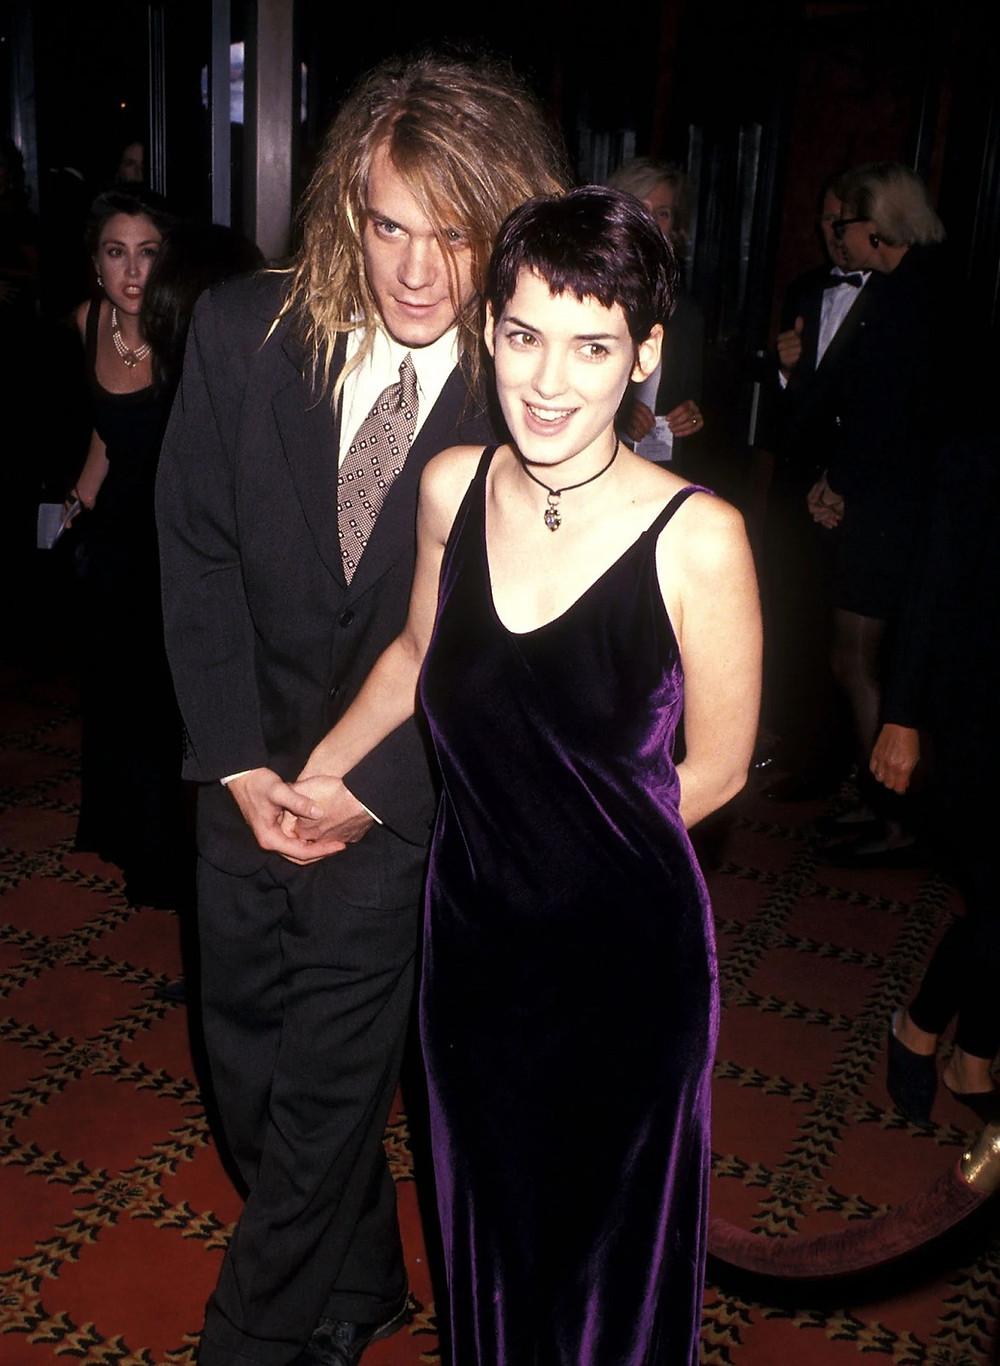 velvet dress on the red carpet worn by Winona Ryder